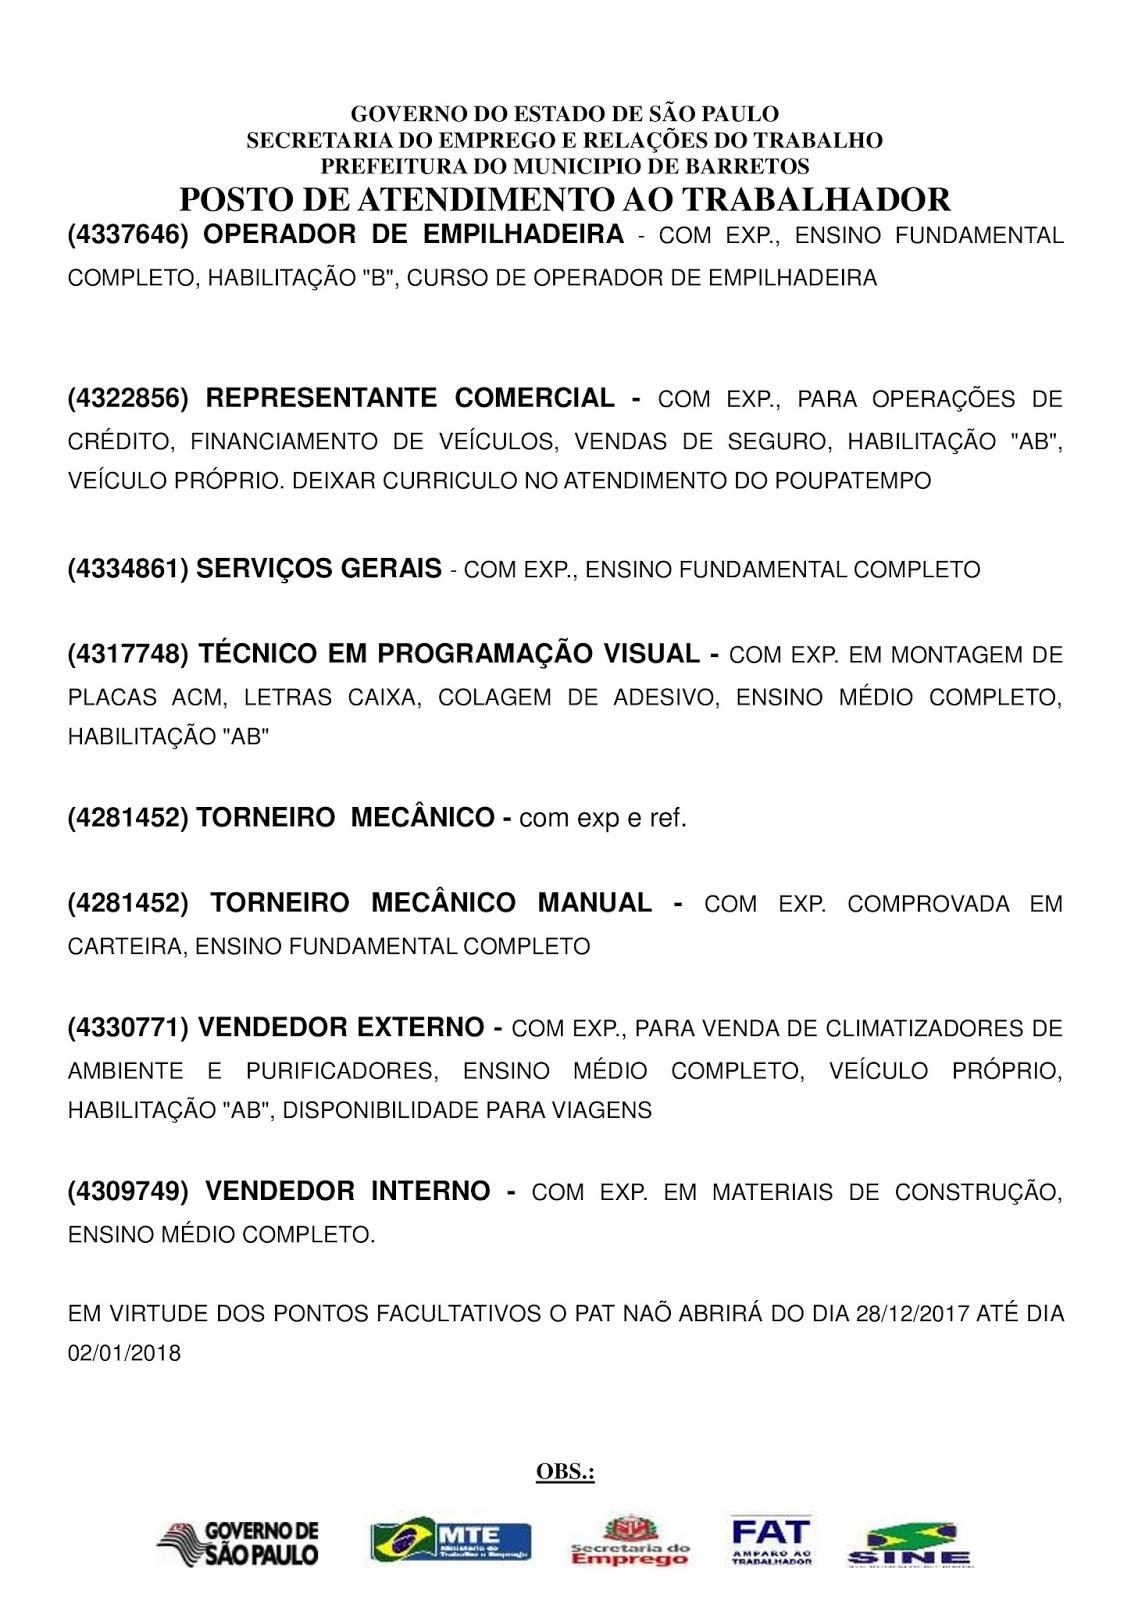 VAGAS DE EMPREGO DO PAT BARRETOS-SP PARA 28/12/2017 QUINTA-FEIRA À 03/01/2018 QUARTA-FEIRA - Pág. 2